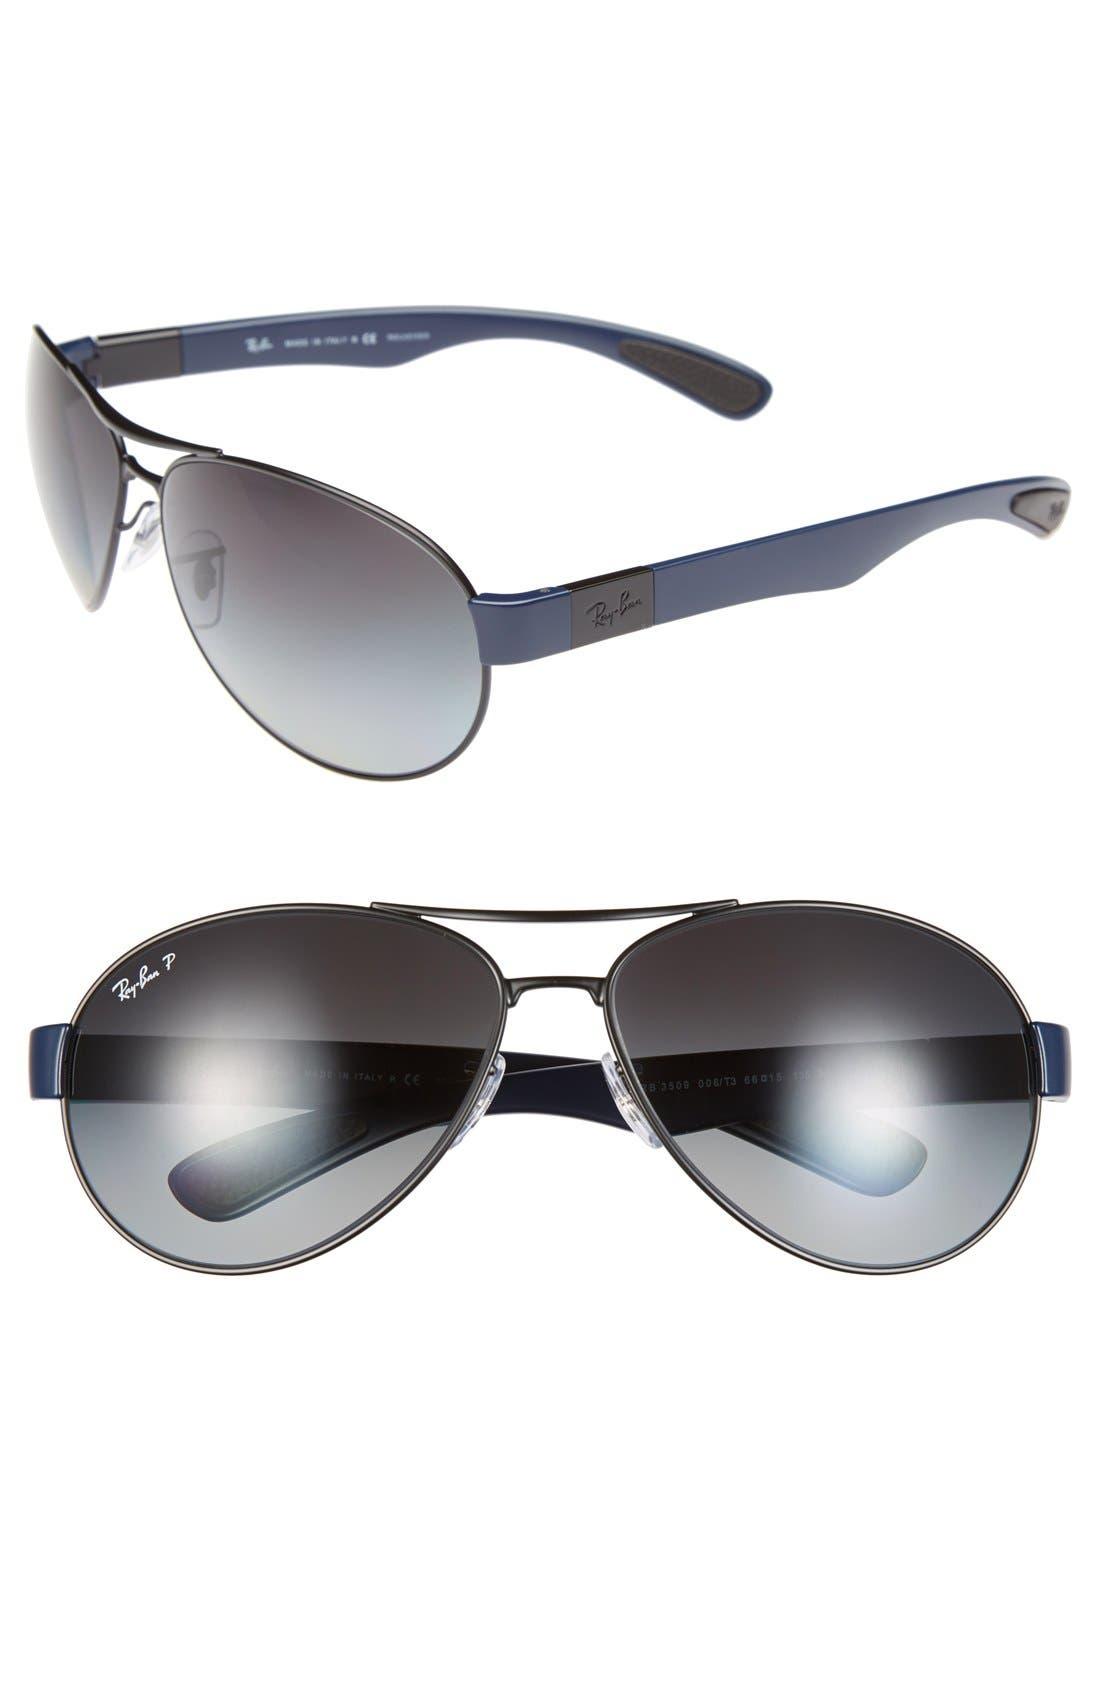 Ray-Ban 6m Aviator Sunglasses -